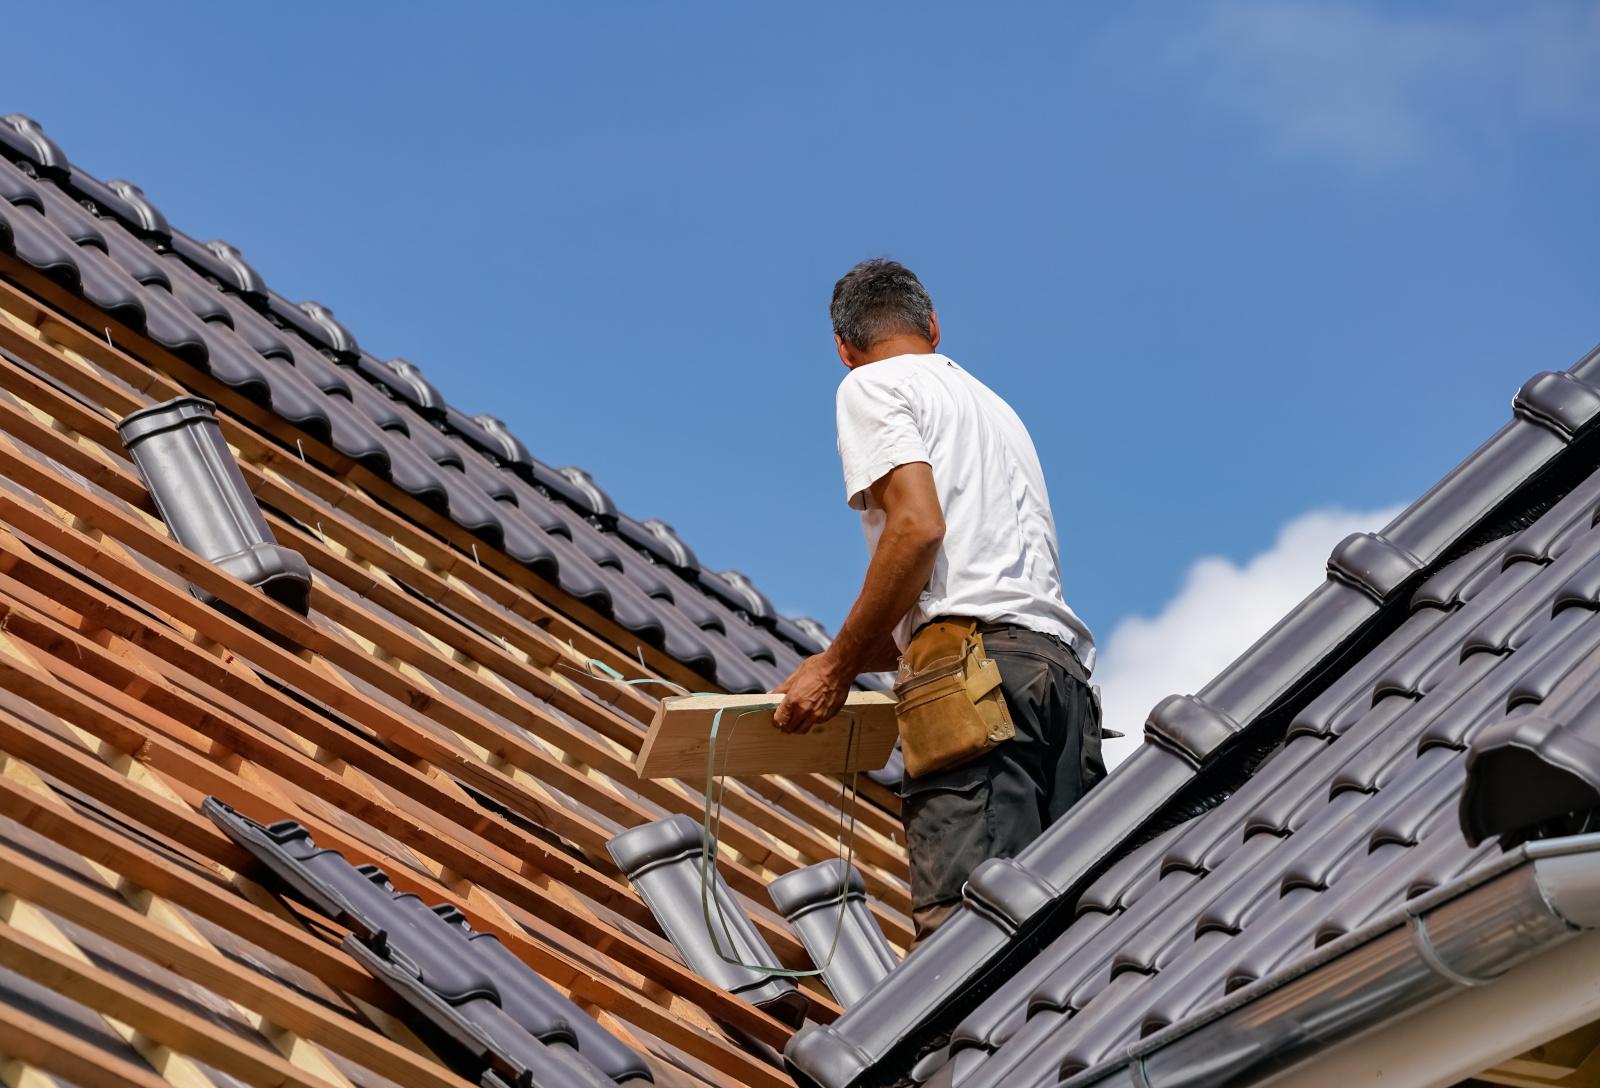 Takläggare står på taket och lägger nytt tak.